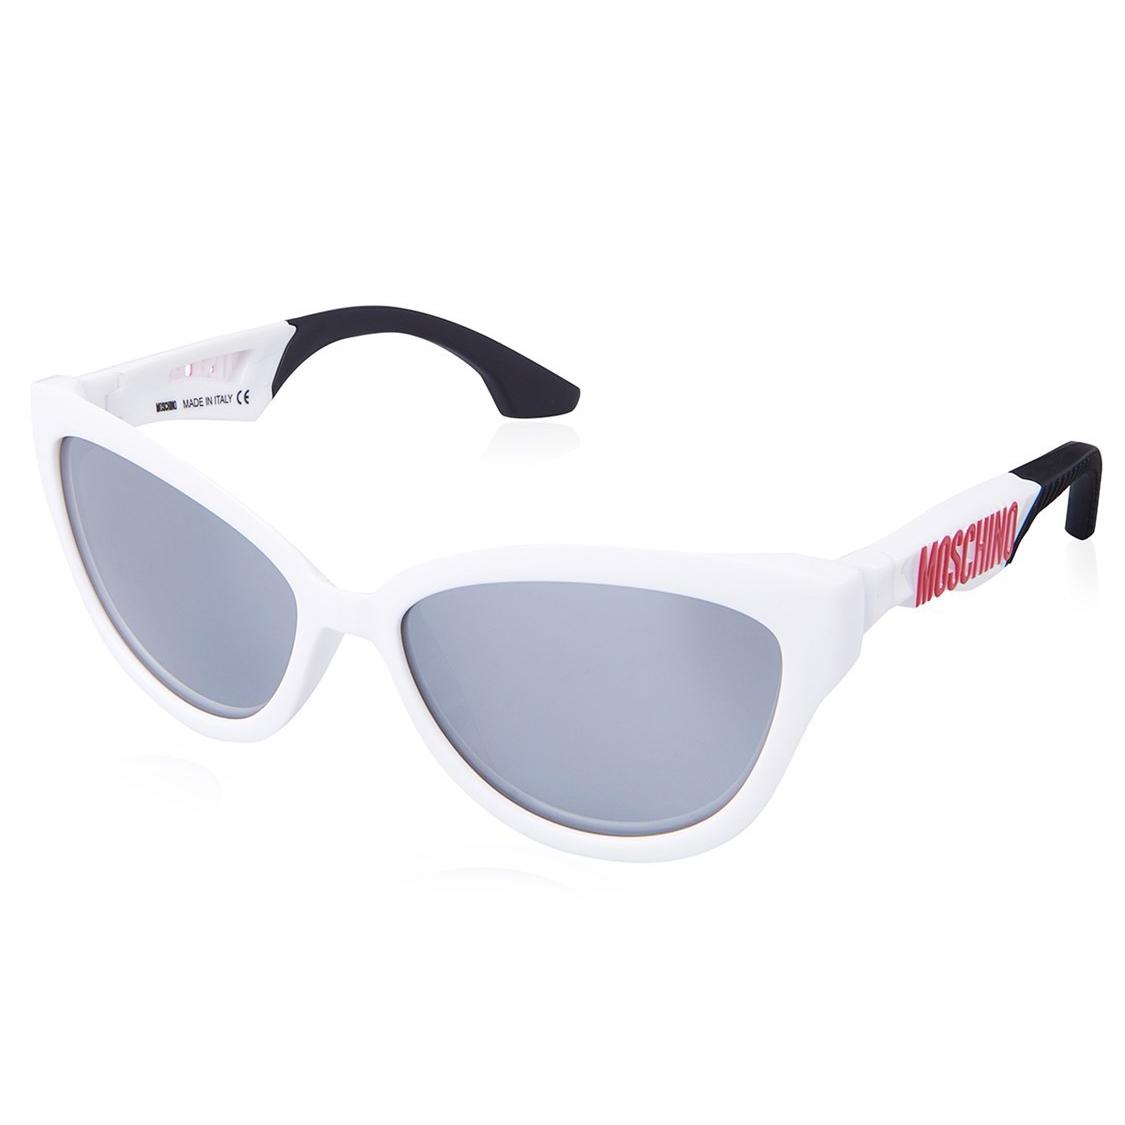 57 Gafas Calibre Mujer Sol Acetato De Blanco nOwP0k